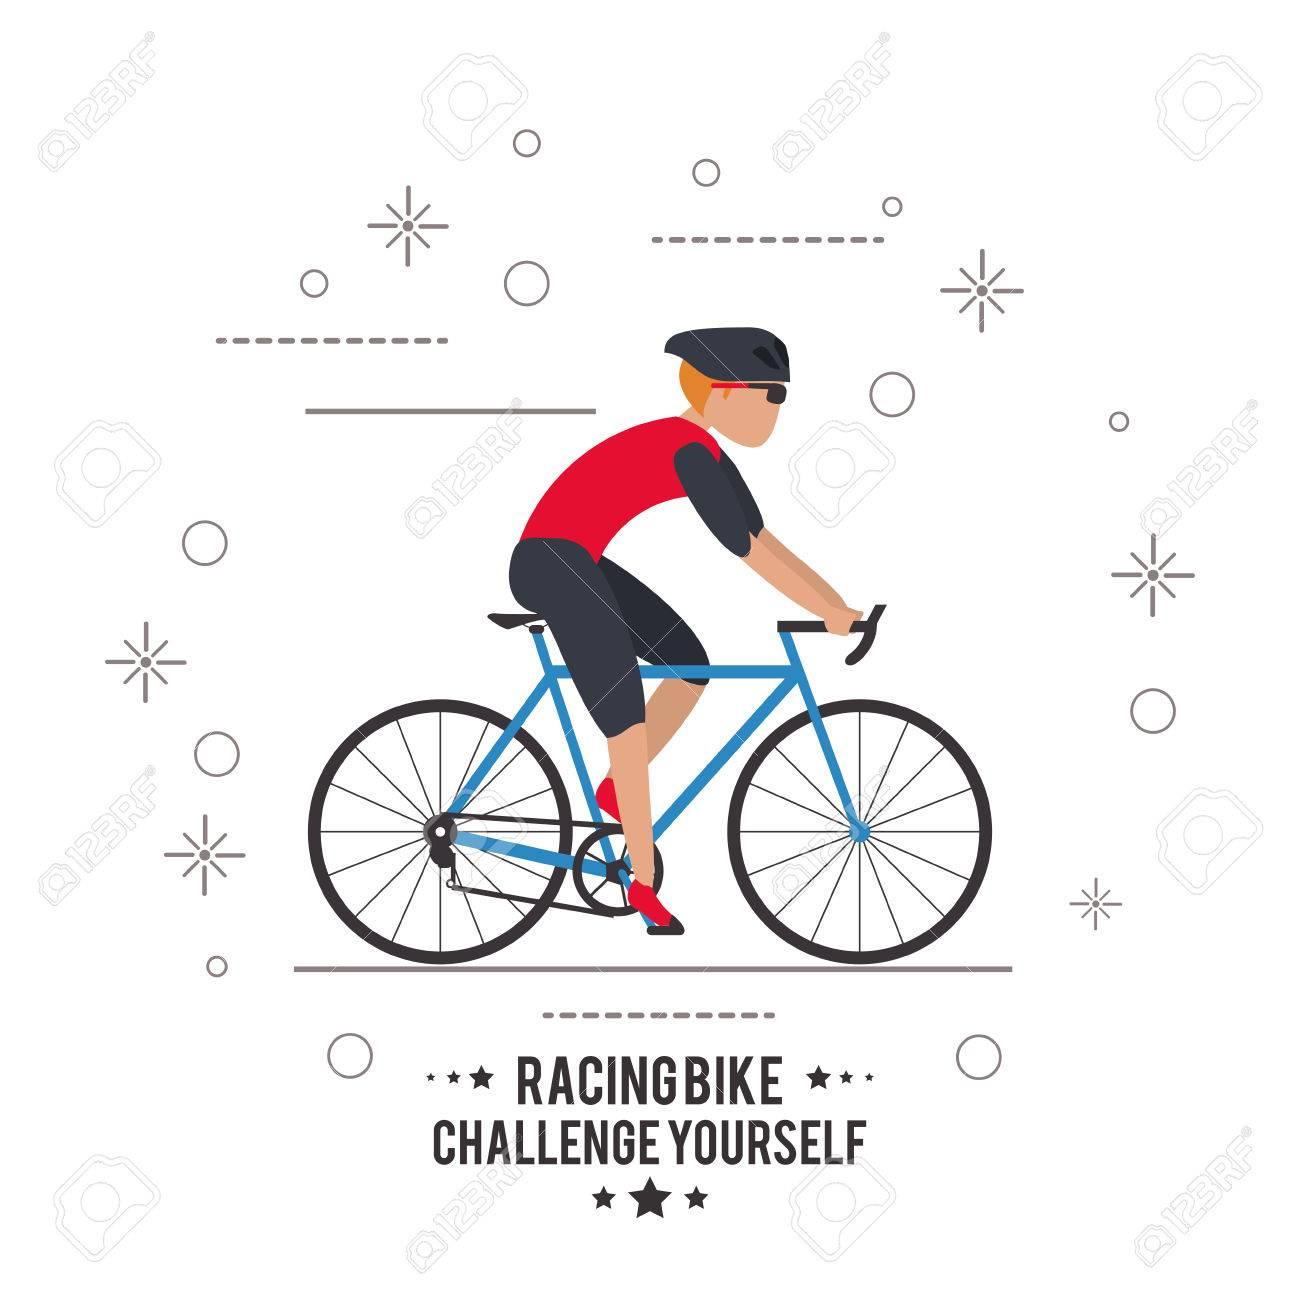 Vélo Bicyclette Cycle Casque Homme De Course Dessin Animé Garçon Mâle Défi Vous Icône Plat Et Colorfull Illustration Vecteur Graphique